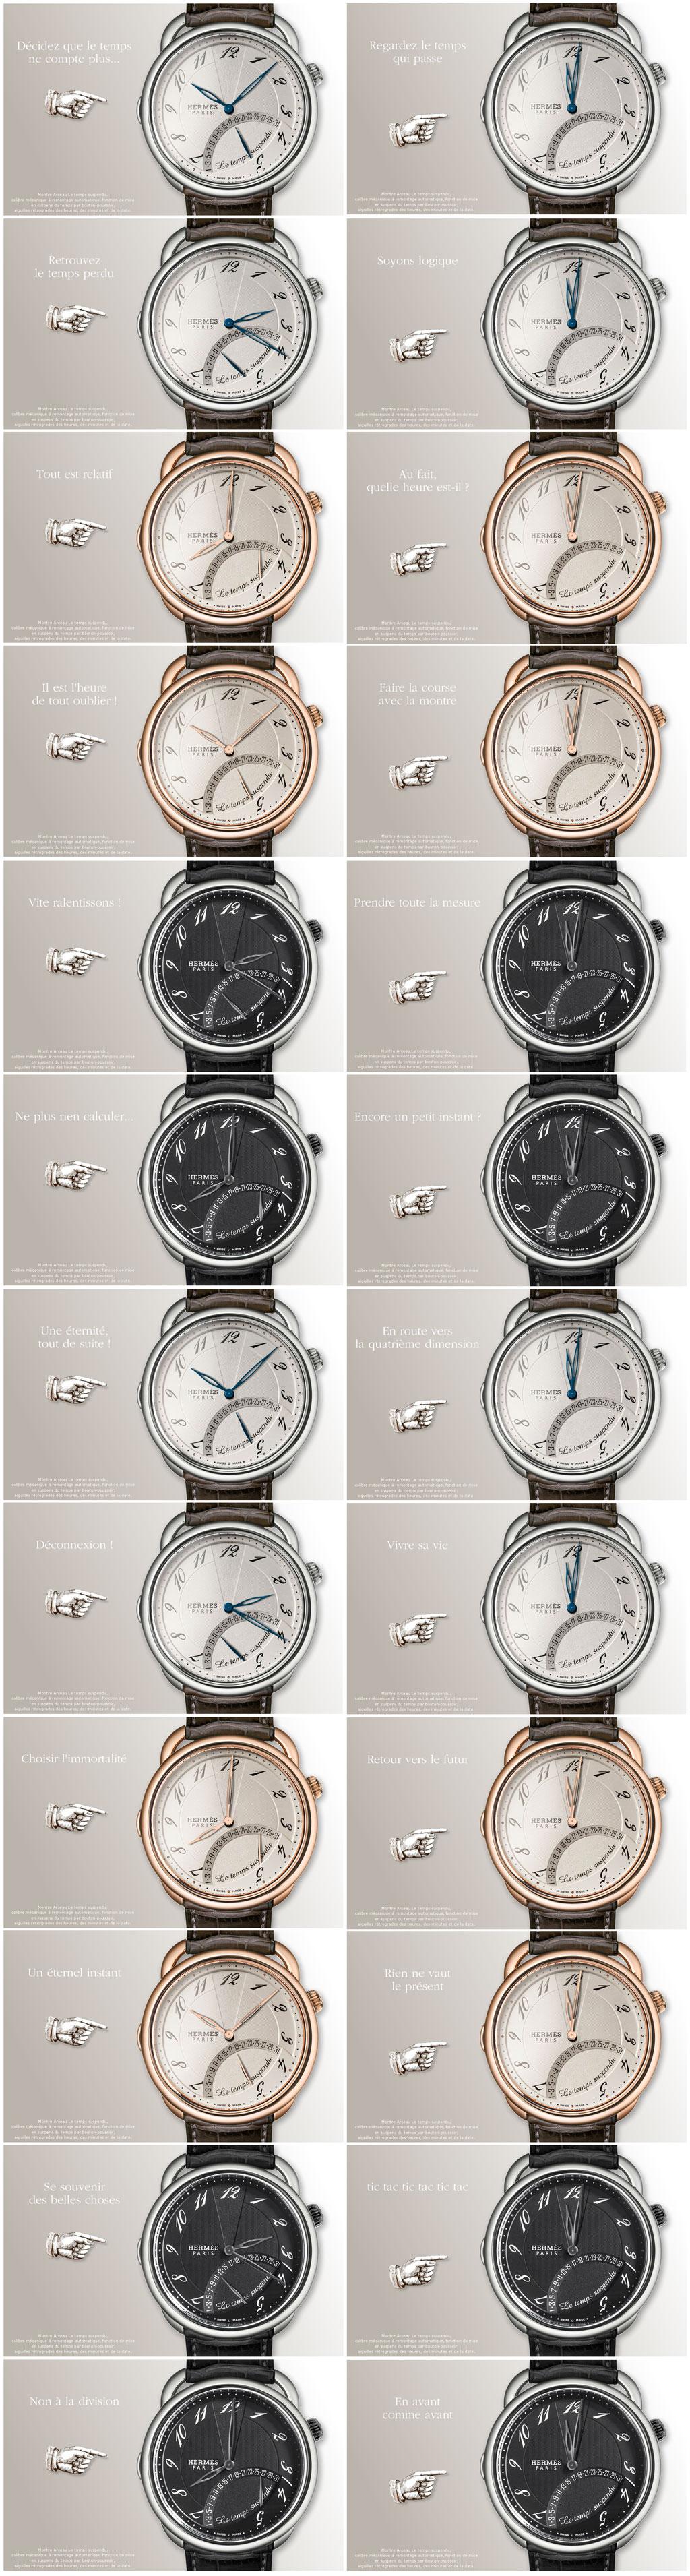 El tiempo suspendido – El Storytelling de Hermès